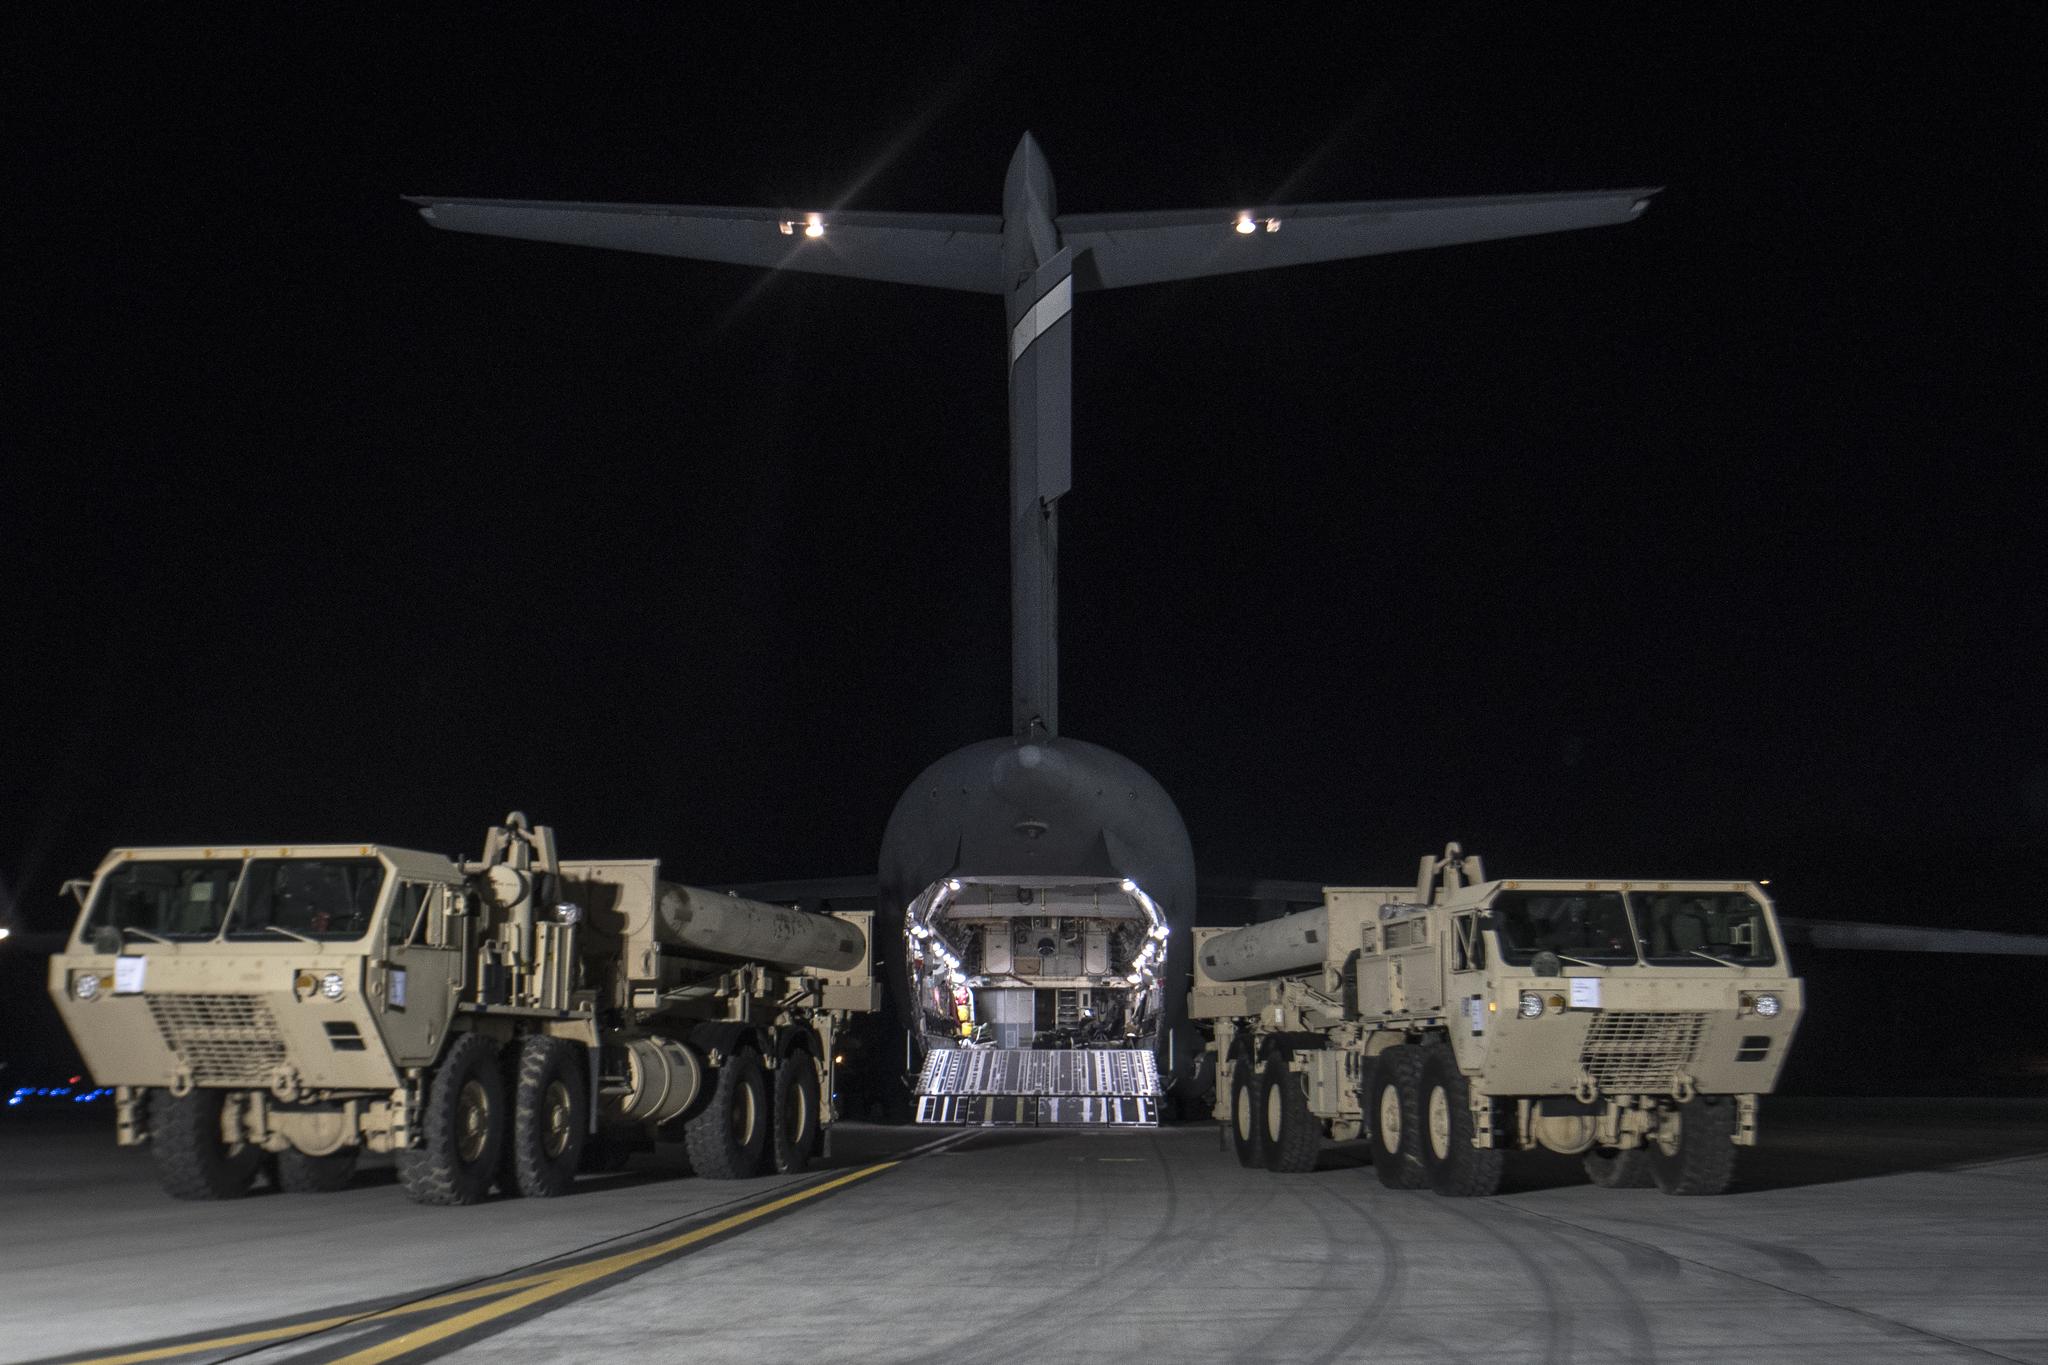 6일 오후 오산 미군공군 기지에 대형수송기 편으로 사드체계 일부가 도착하고 있다. [사진 주한미군]